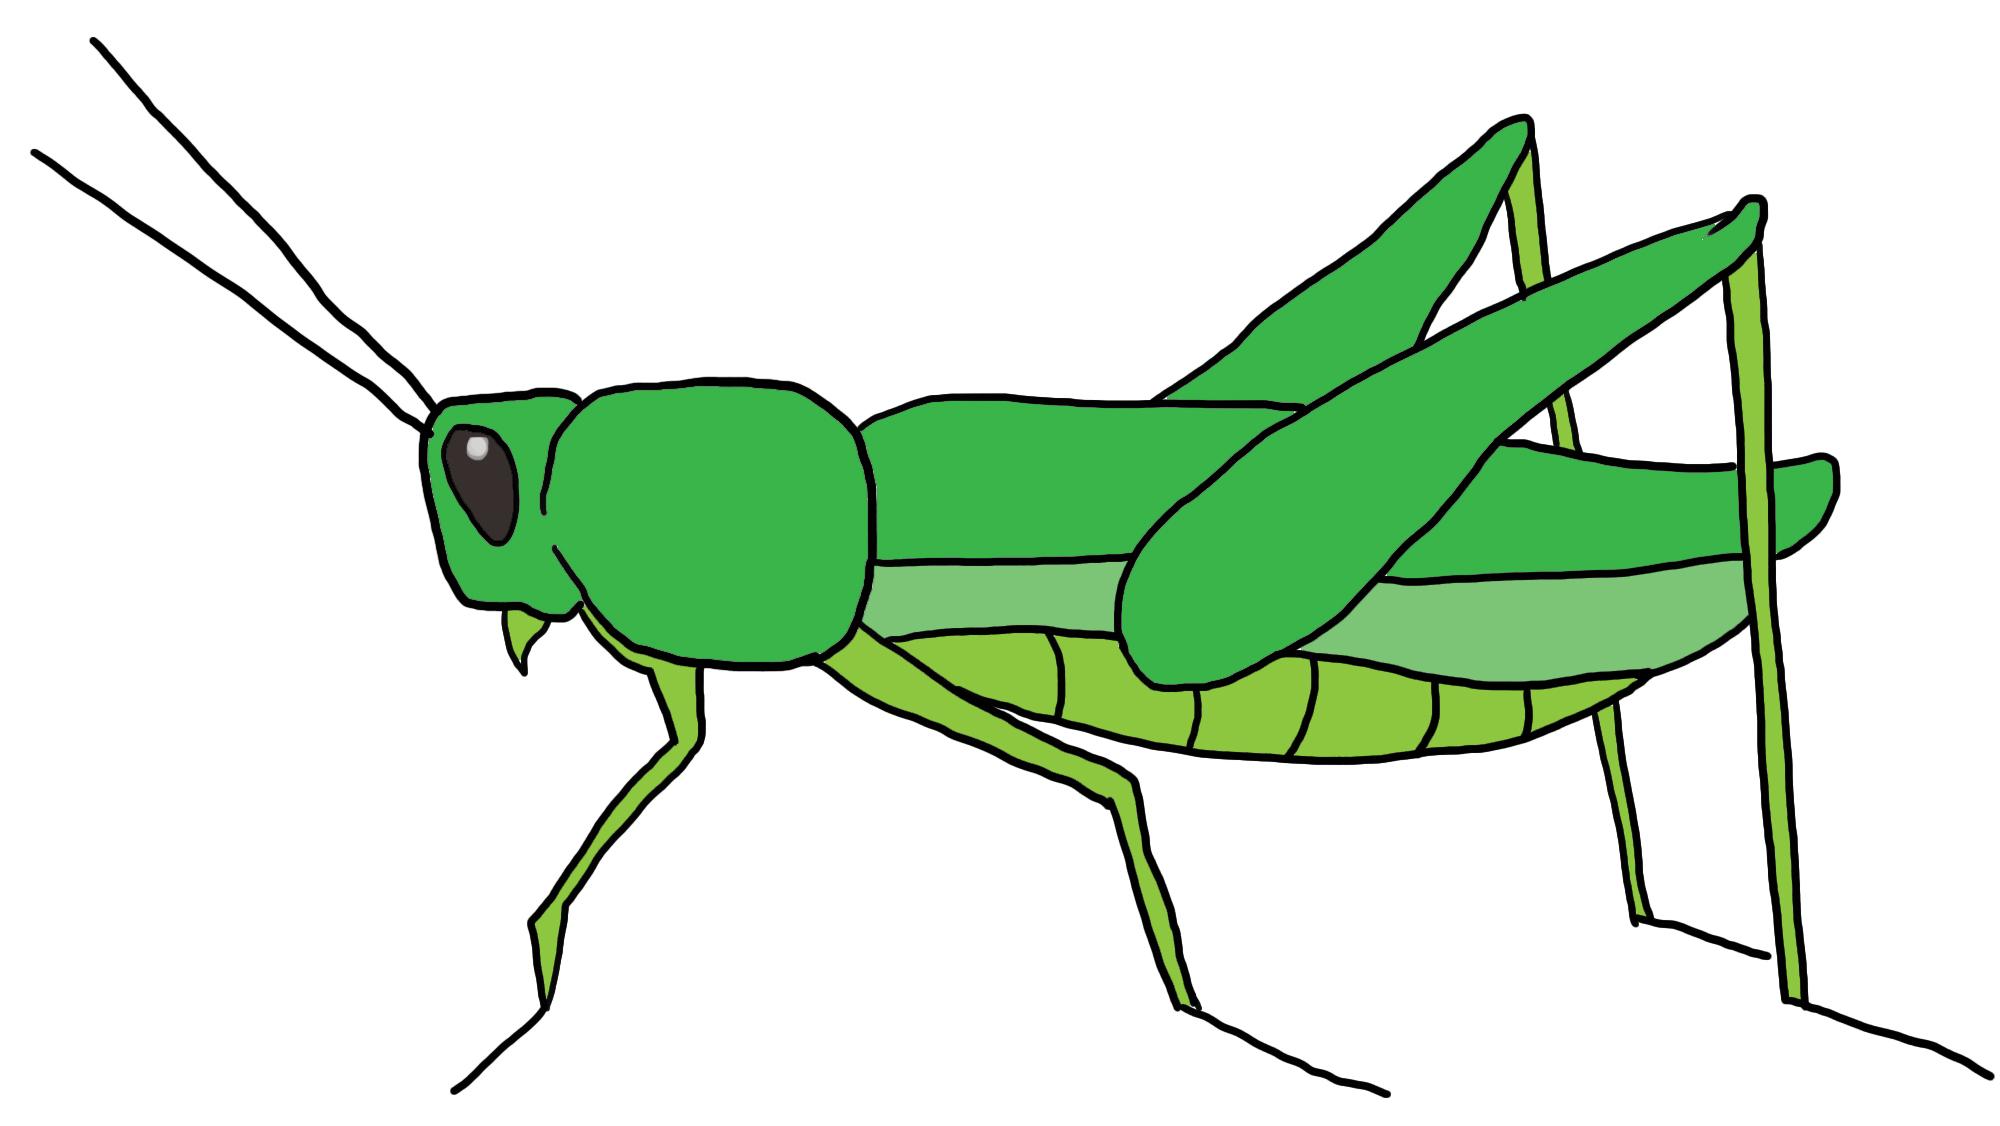 Bugs clipart grass hopper. Best grasshopper clipartion com